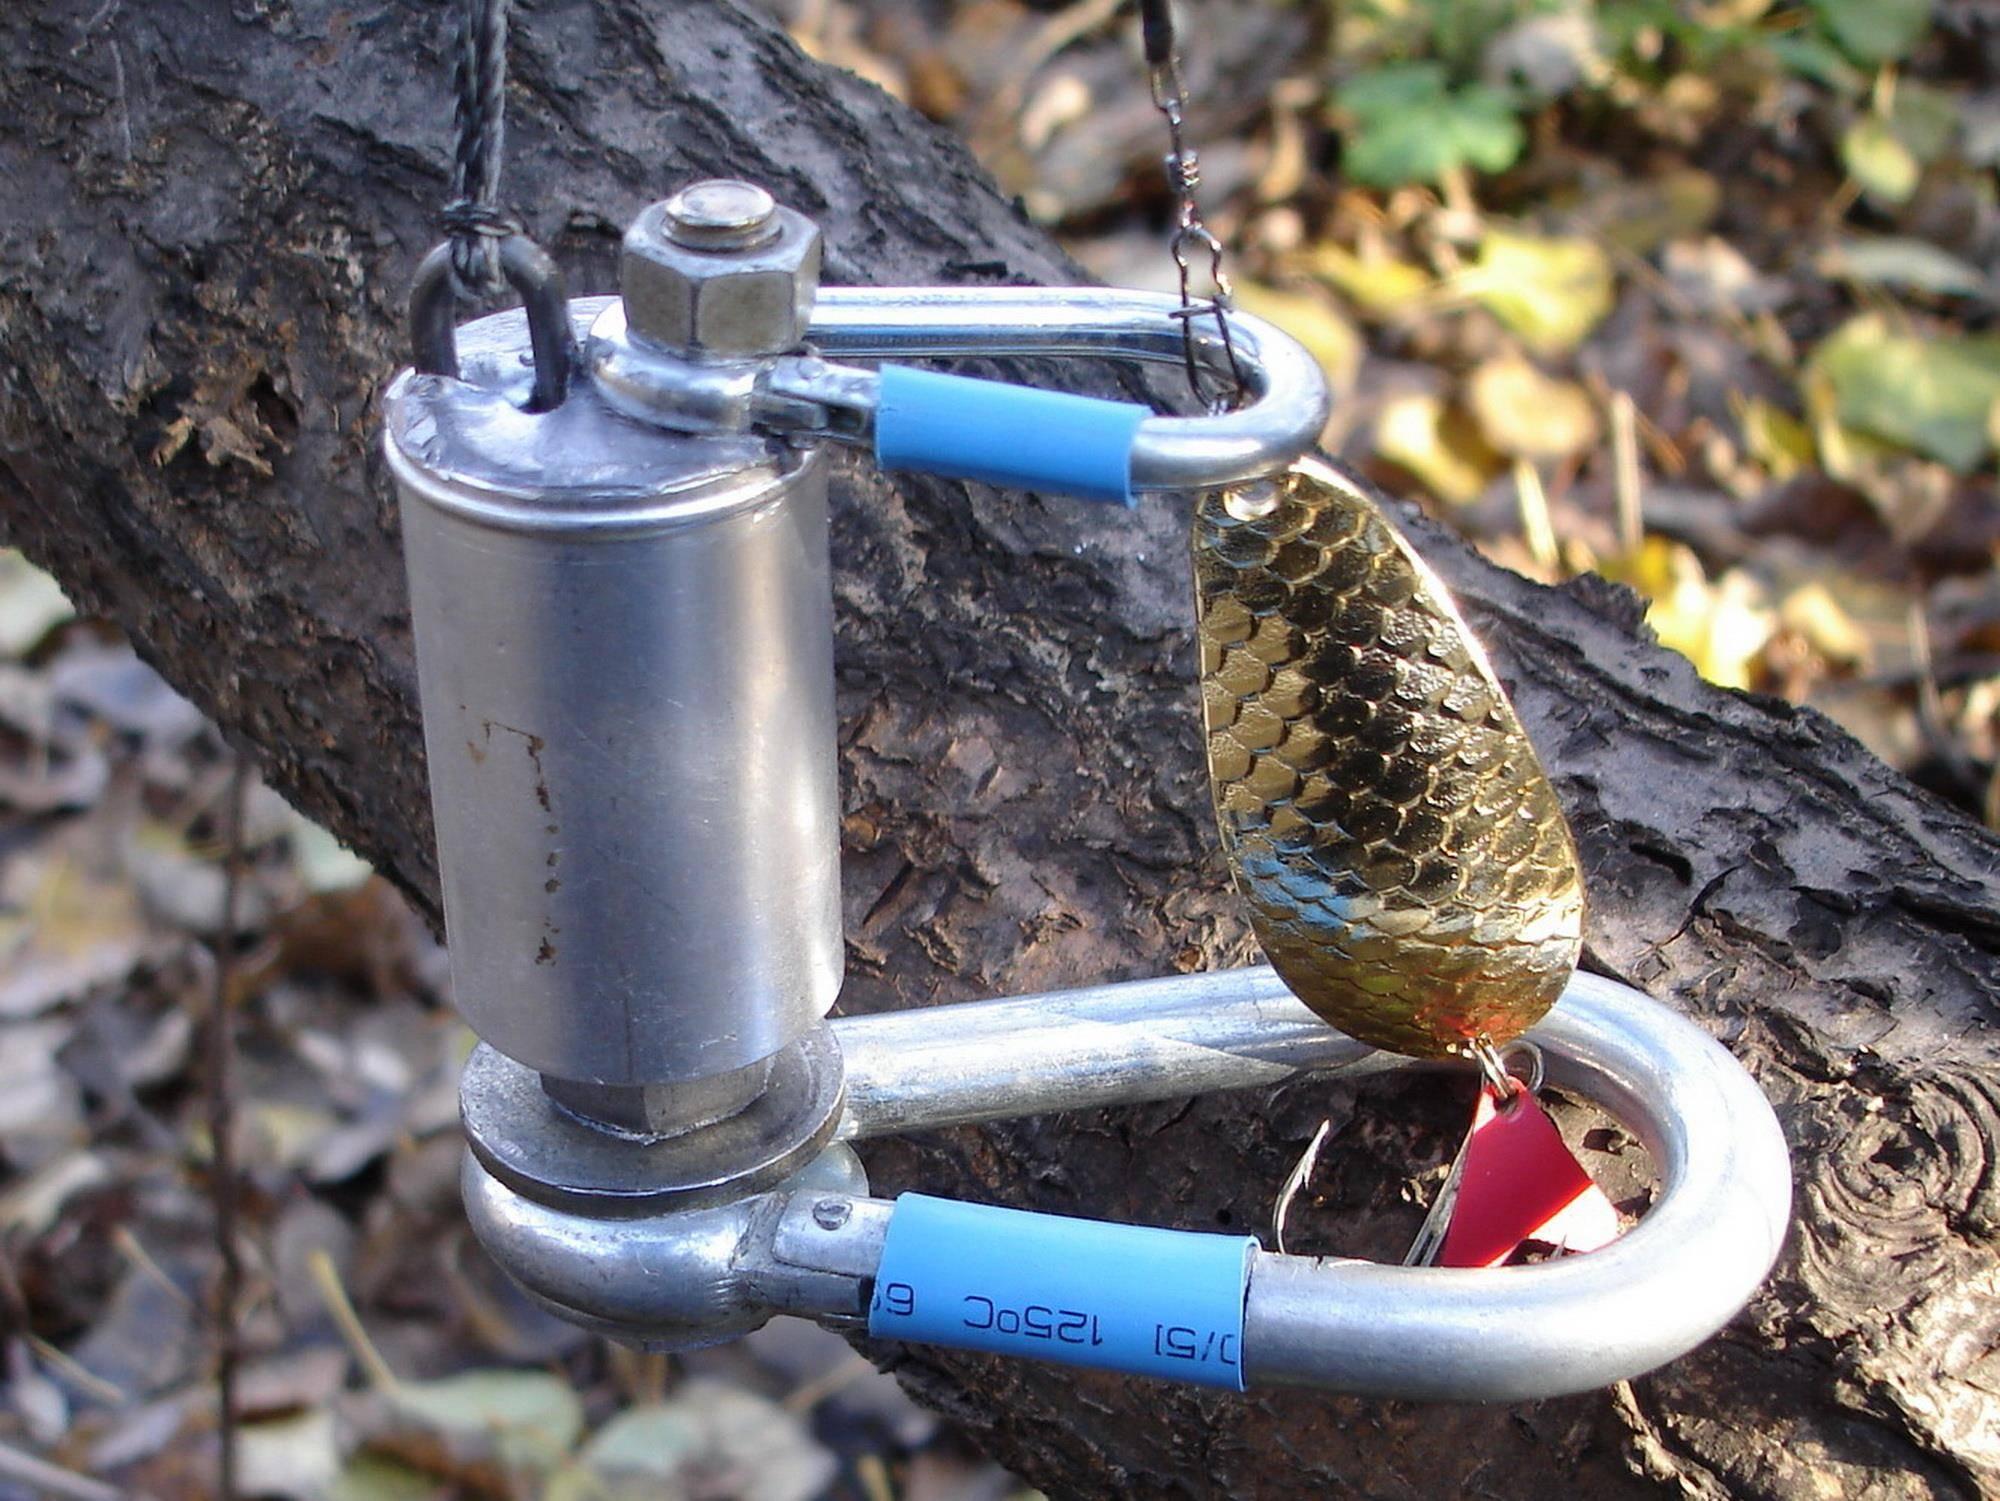 Отцепы для блесен и воблеров: описание самодельного рыболовного устройства и его изготовление своими руками